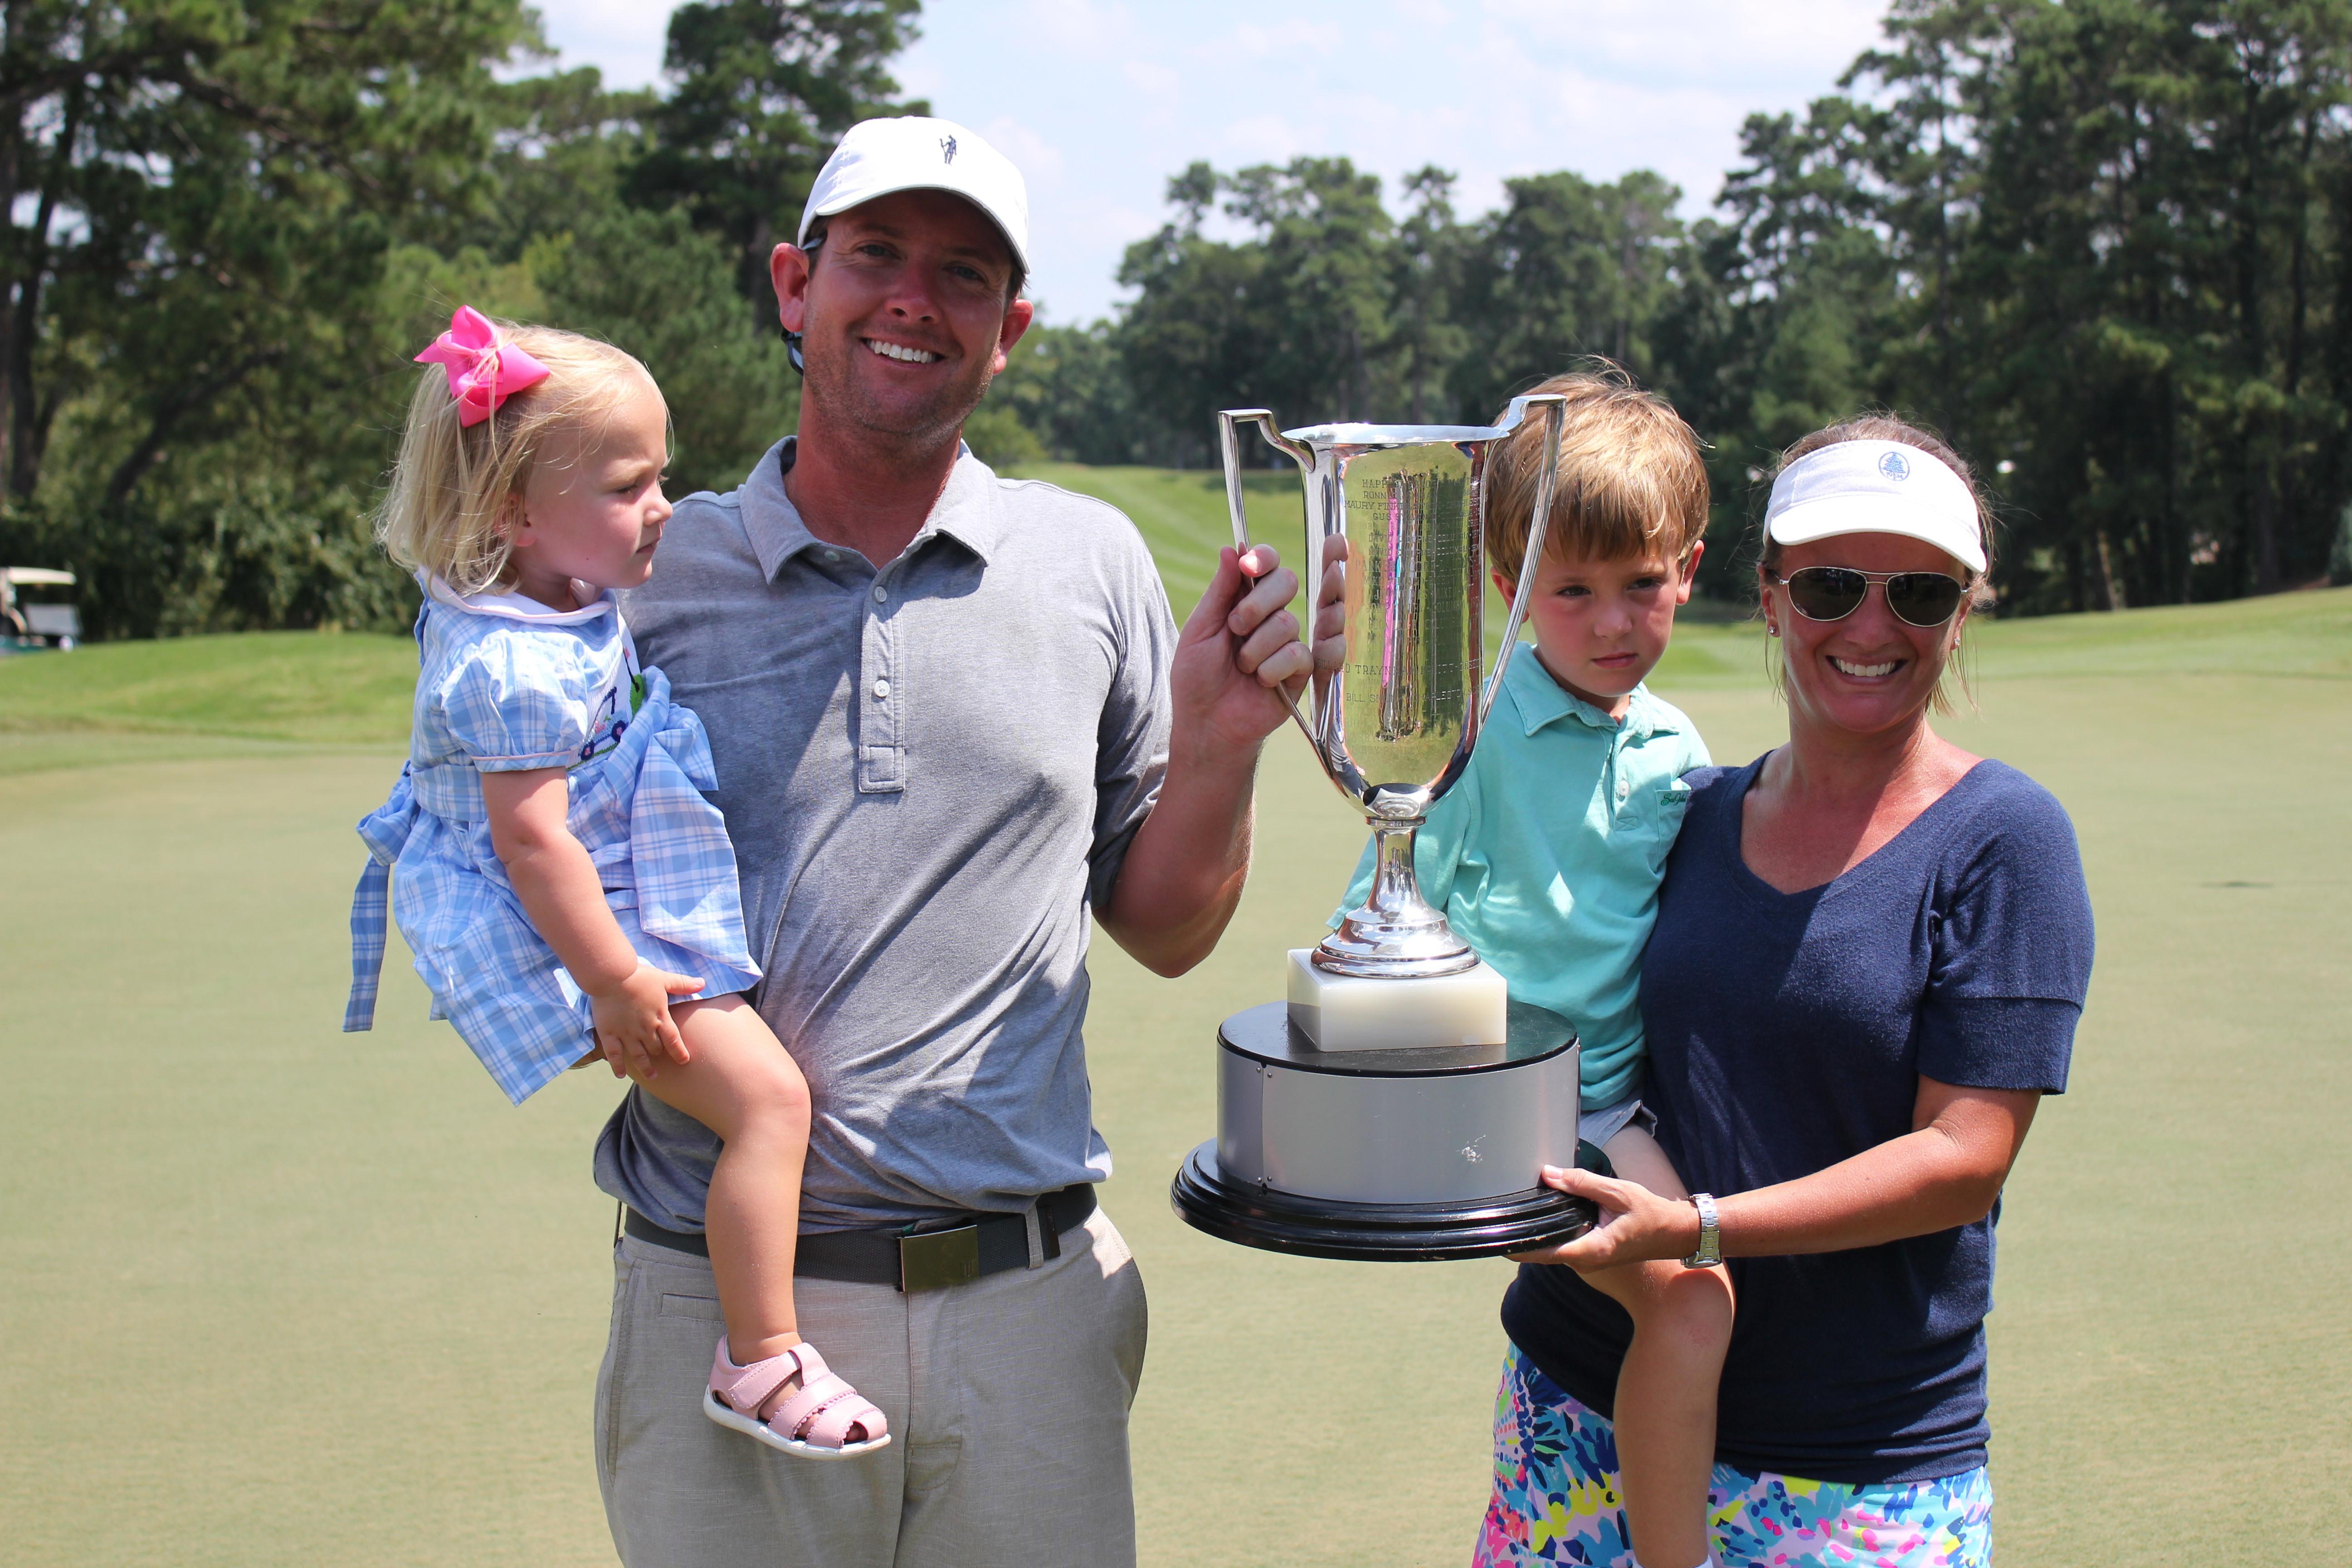 Jones Wins South Carolina Amateur